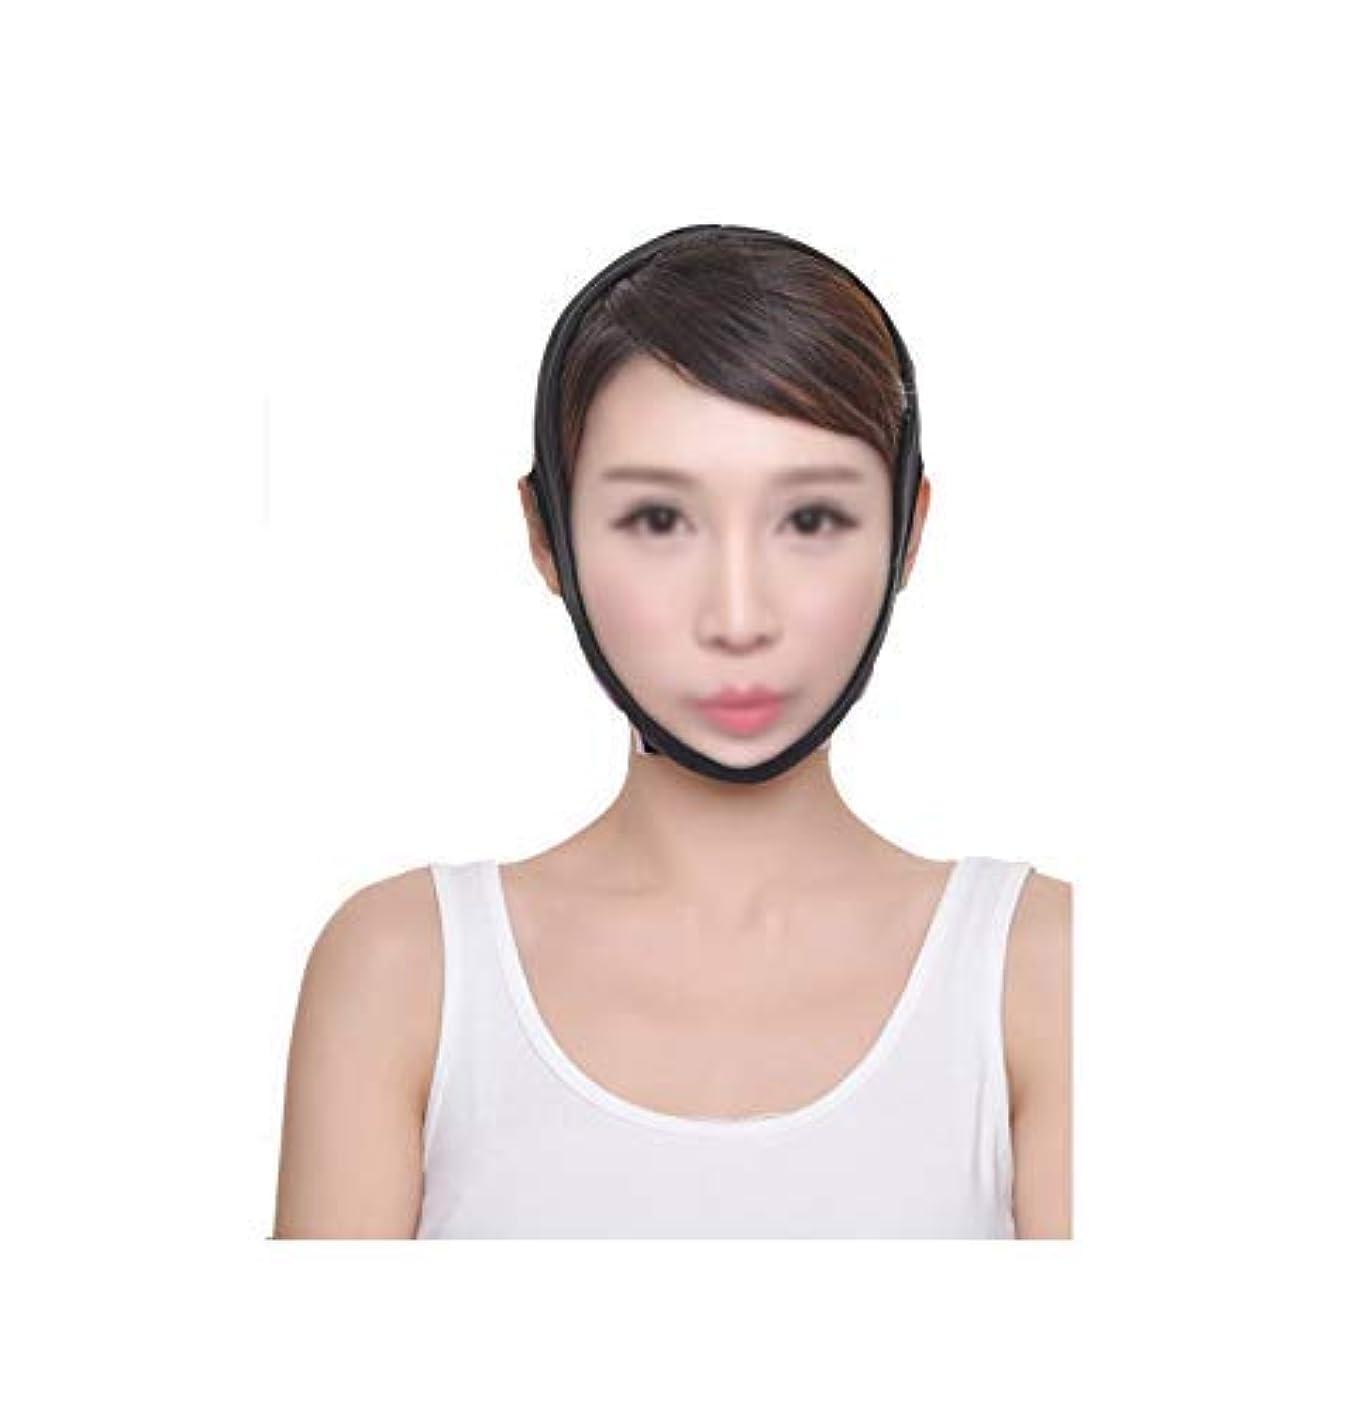 毎月慰めサイレンファーミングフェイスマスク、フェイスリフティングアーティファクト脂肪吸引術術後整形二重あご美容マスクブラックフード(サイズ:L)